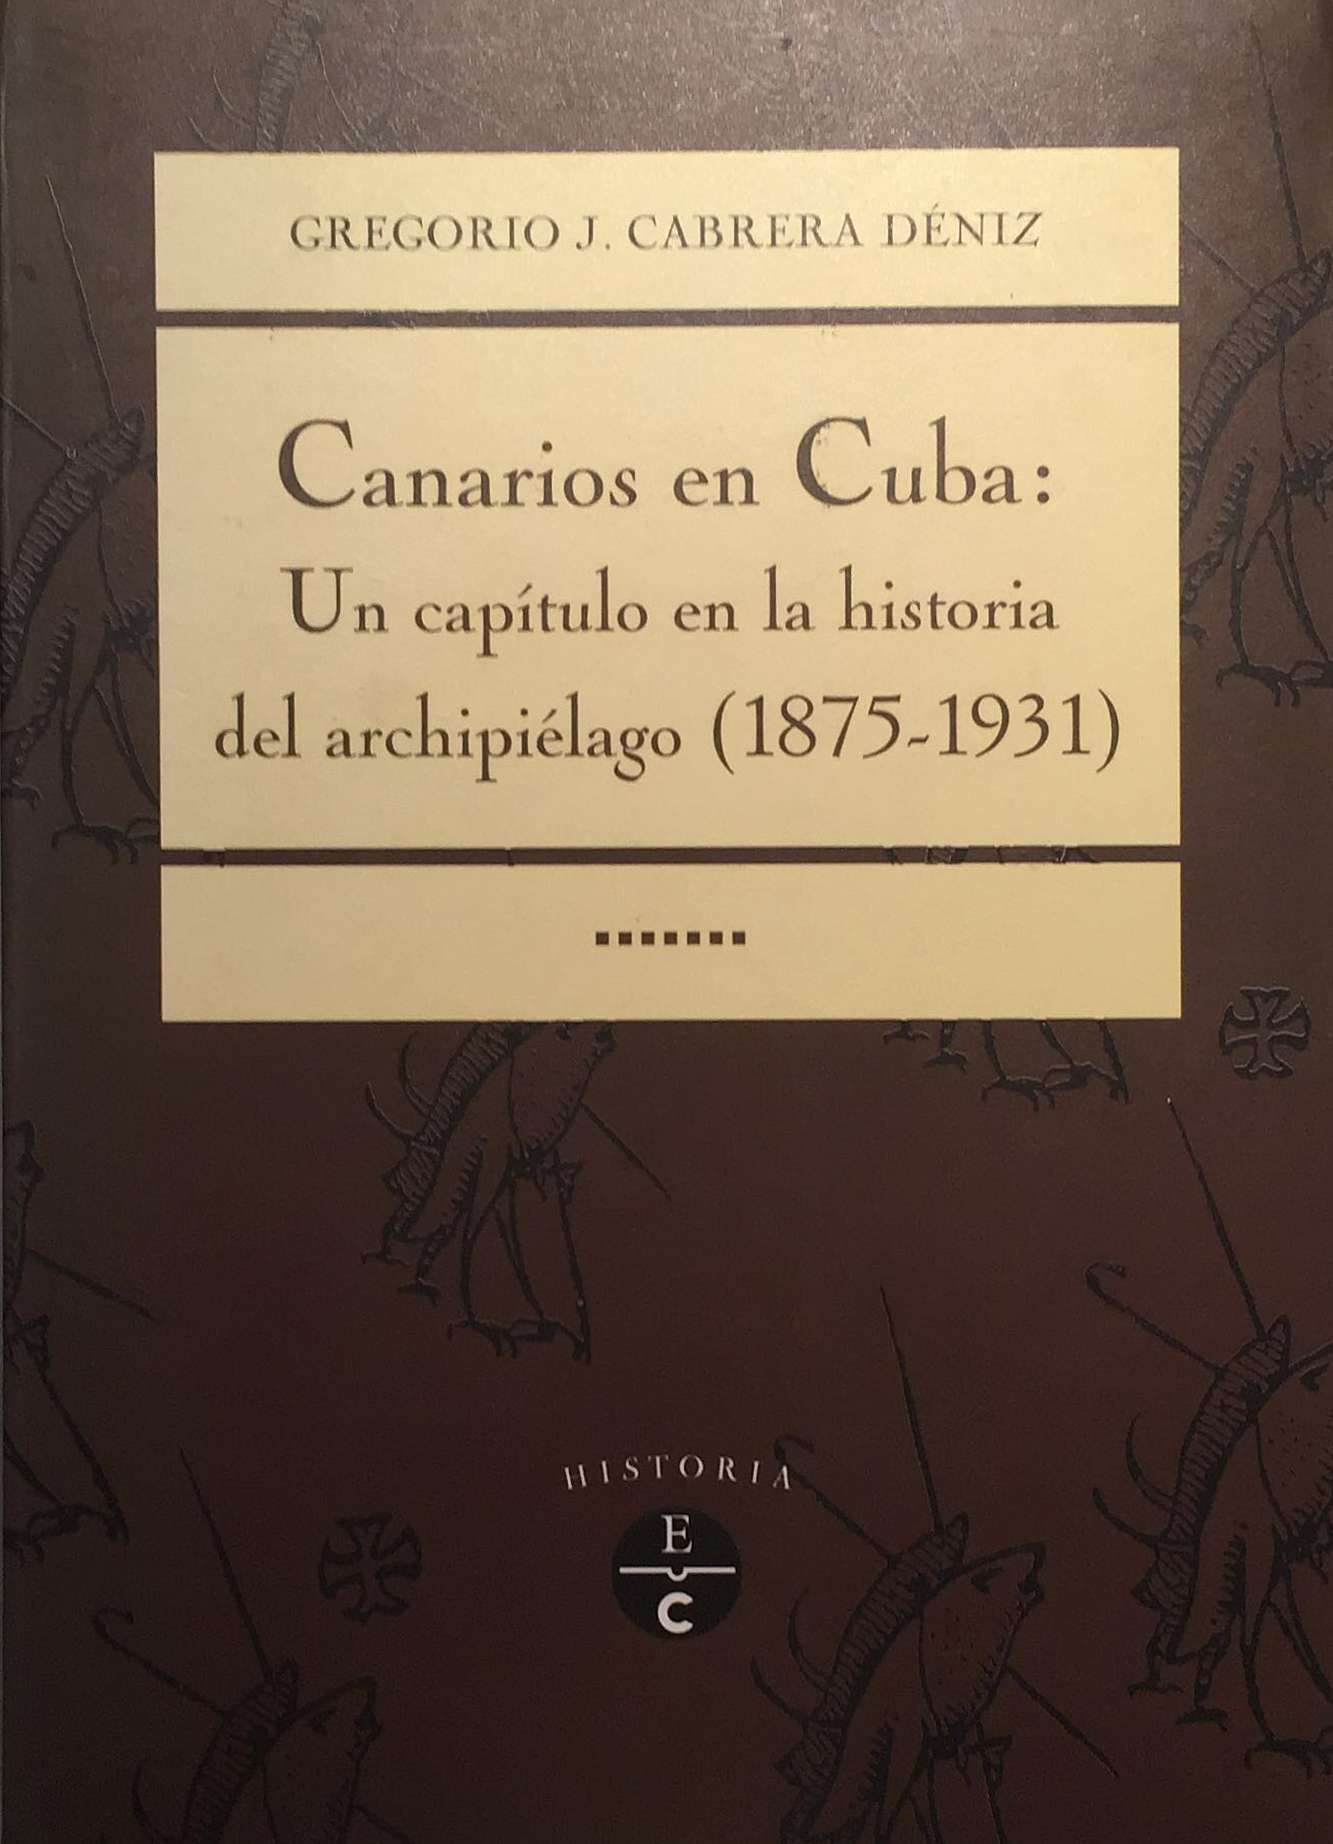 Canarios En Cuba: Un Capitulo En La Historia del Archipielago, 1875-1931 Gregorio Cabrera Déniz